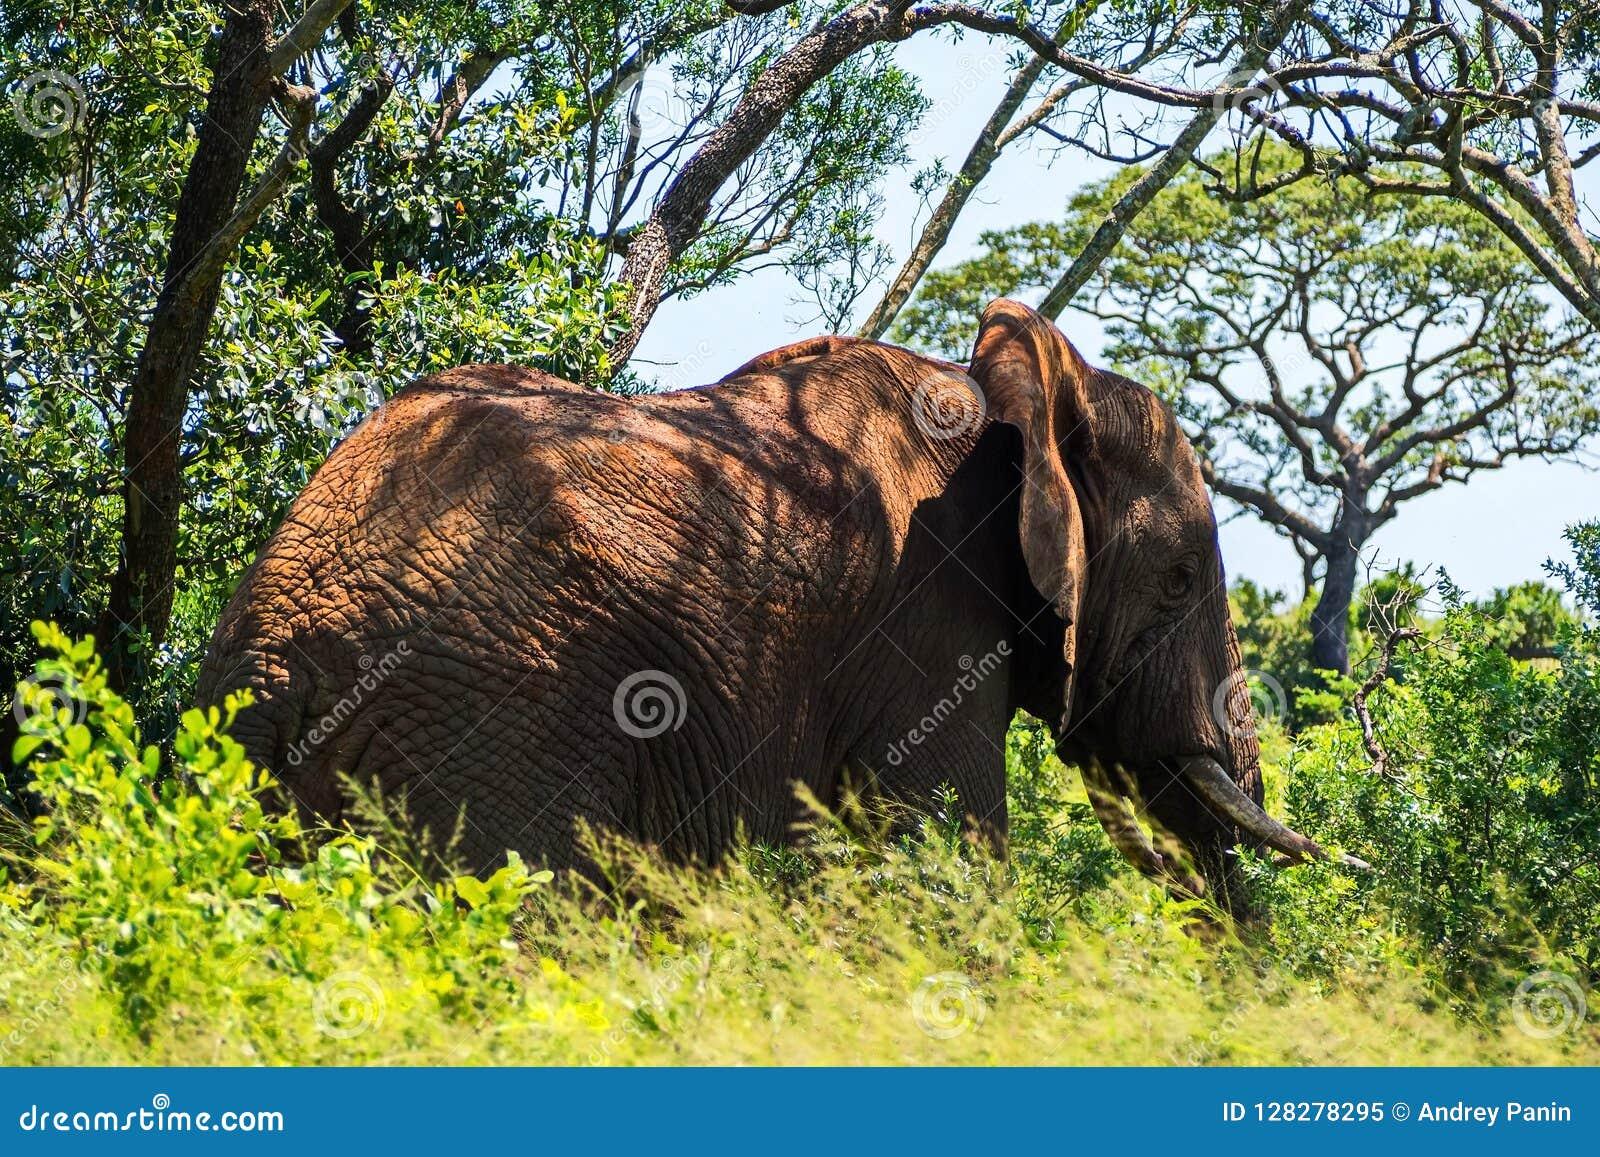 Osamotniony słoń w drzewach Safari w parkach narodowych Południowa Afryka